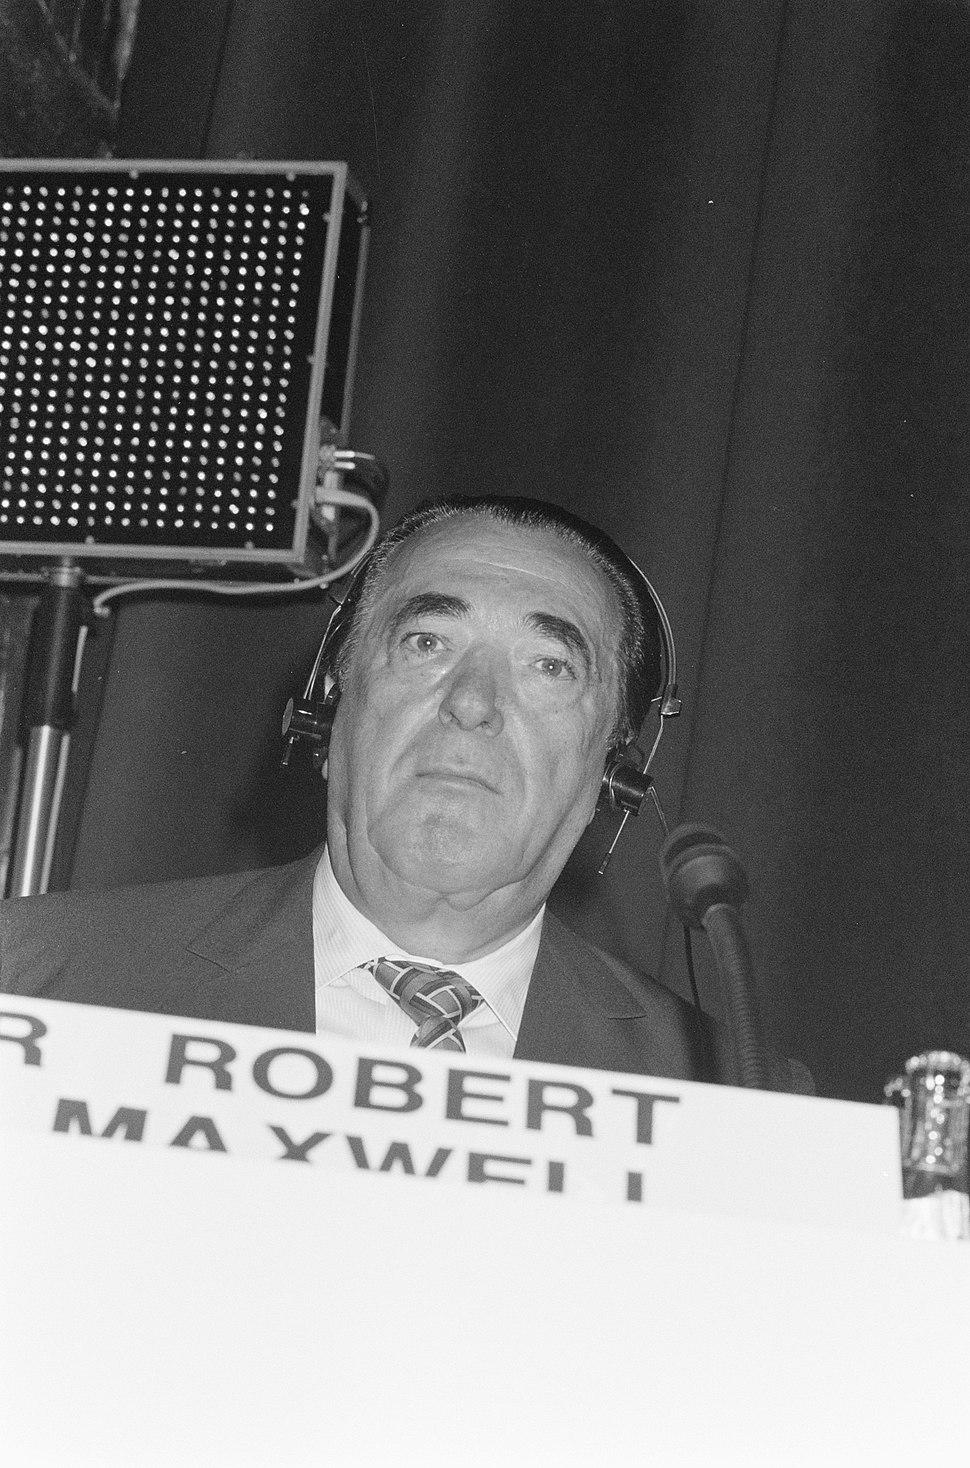 רוברט מקסוול